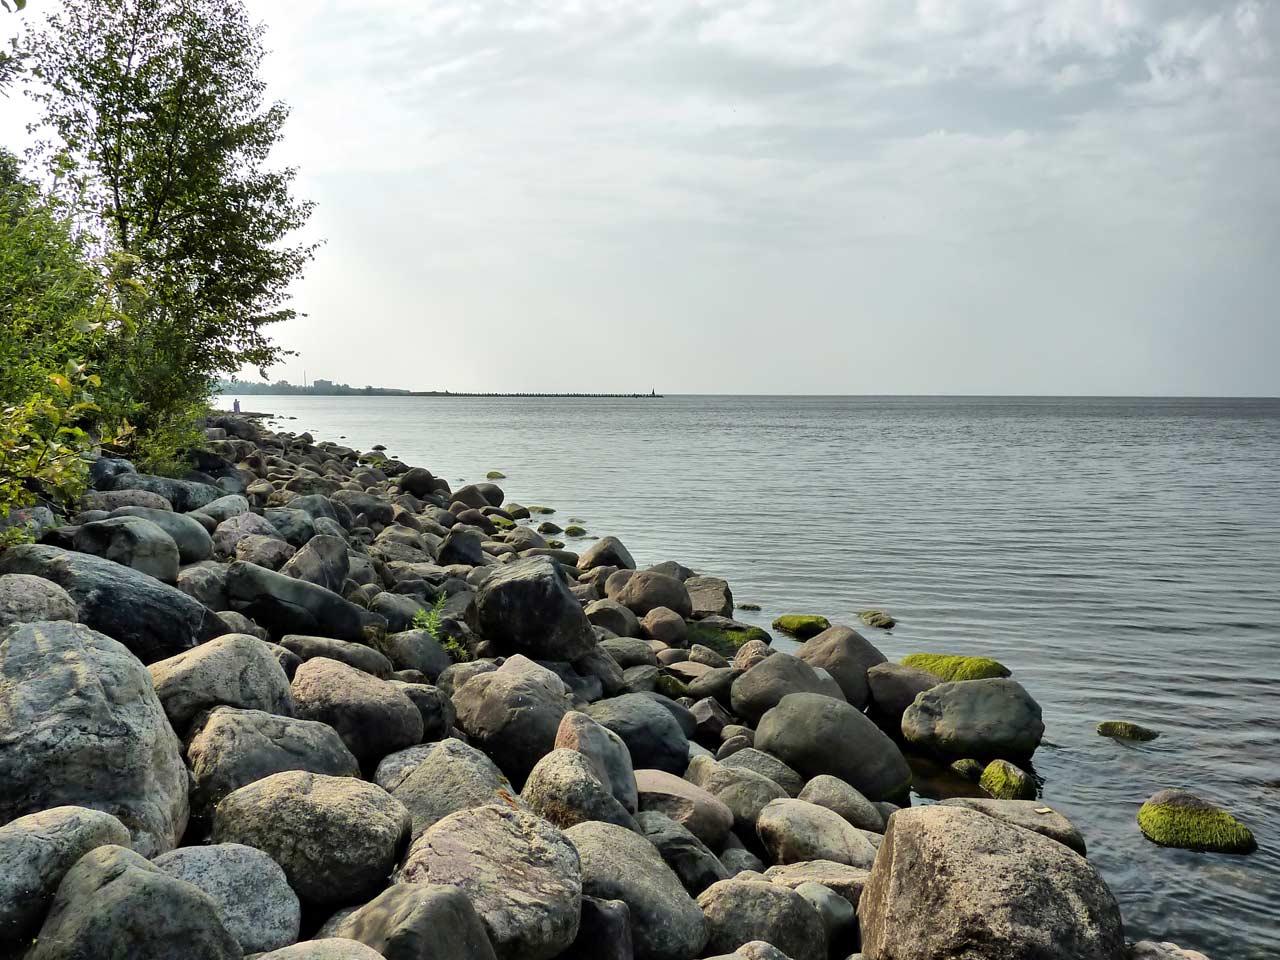 белое озеро вологодская область фото сверху задеты